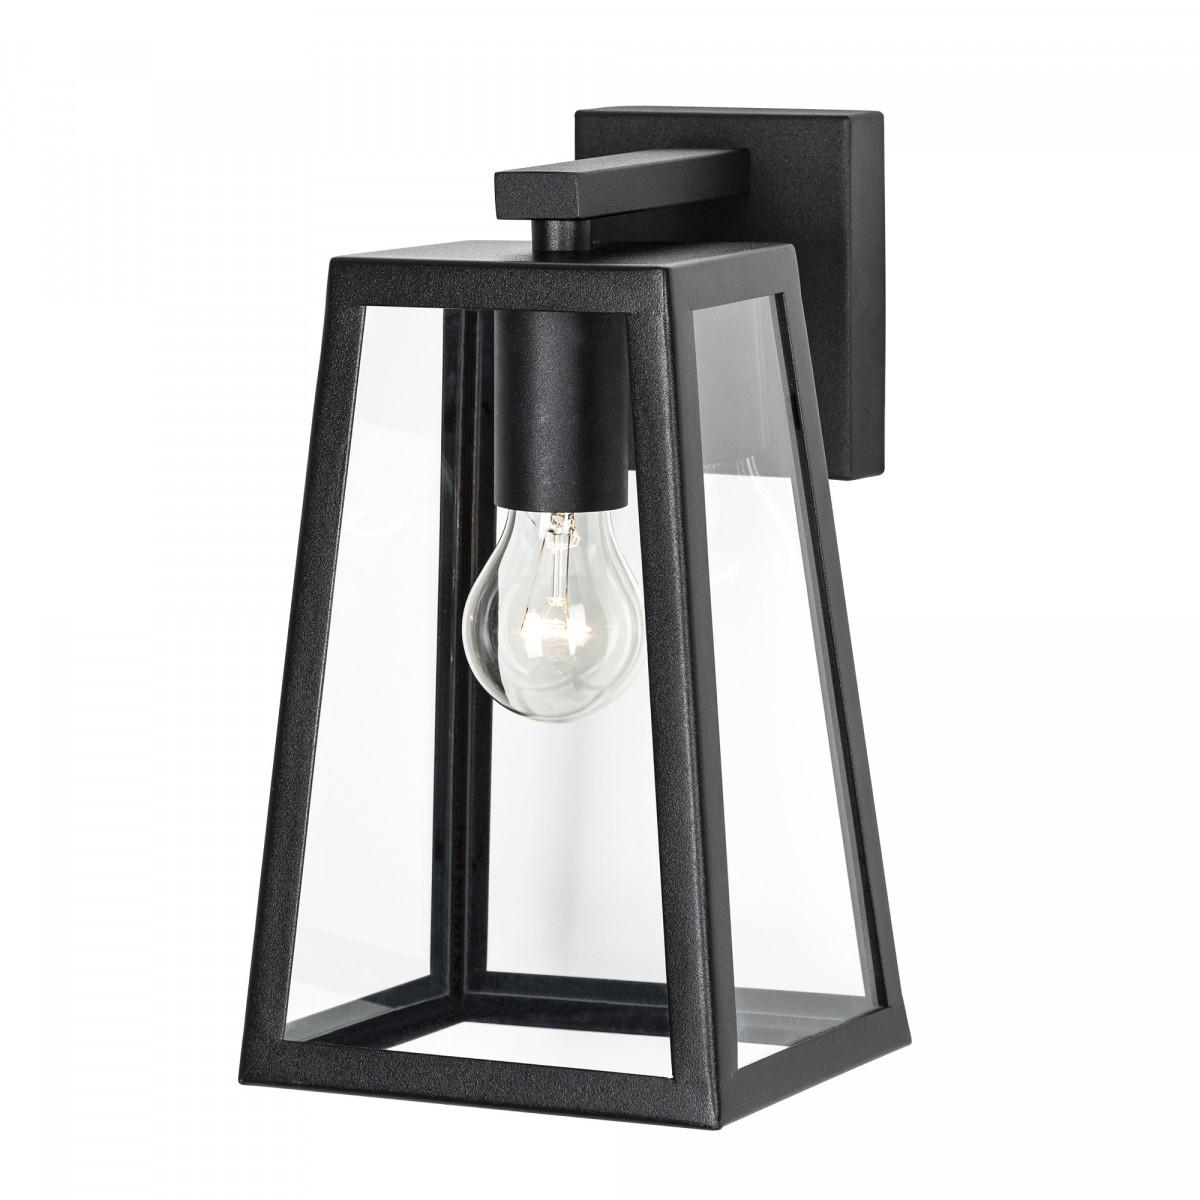 Zwarte design wandlamp voor buiten strak modern design verlichting voor aan de wand zwart frame heldere beglazing zwarte fitting lichtbron zichtbaar